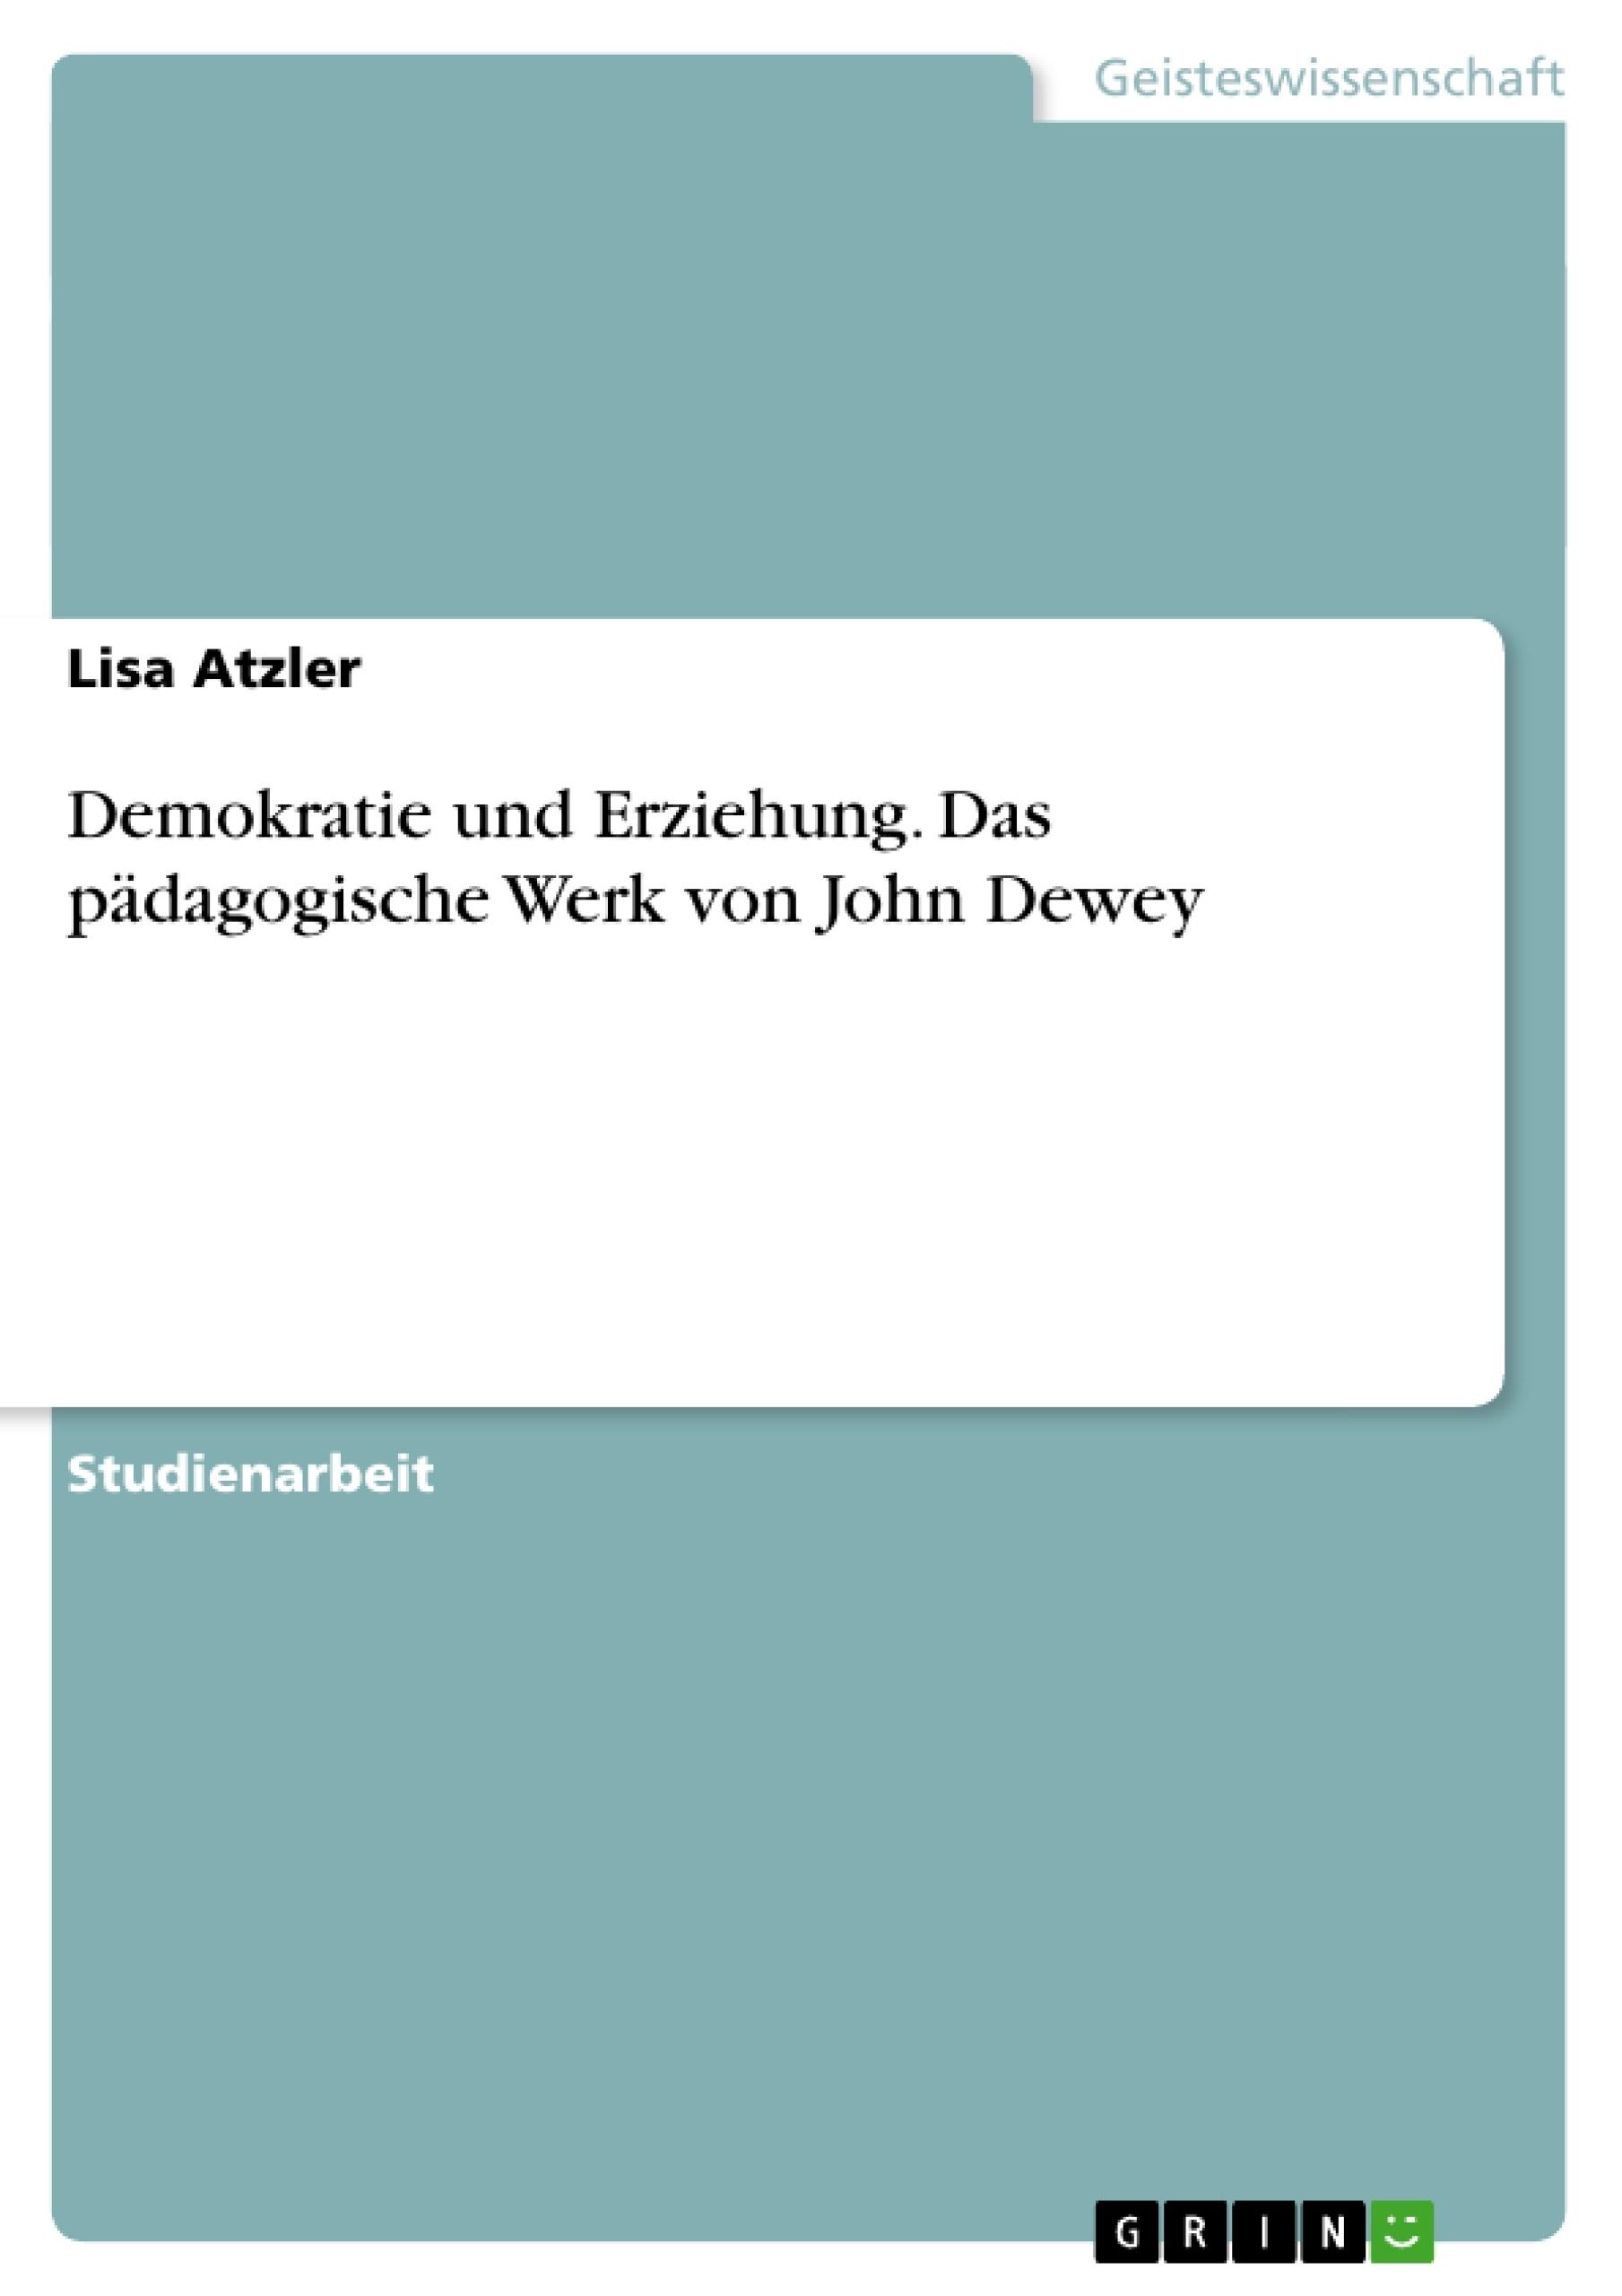 Titel: Demokratie und Erziehung. Das pädagogische Werk von John Dewey